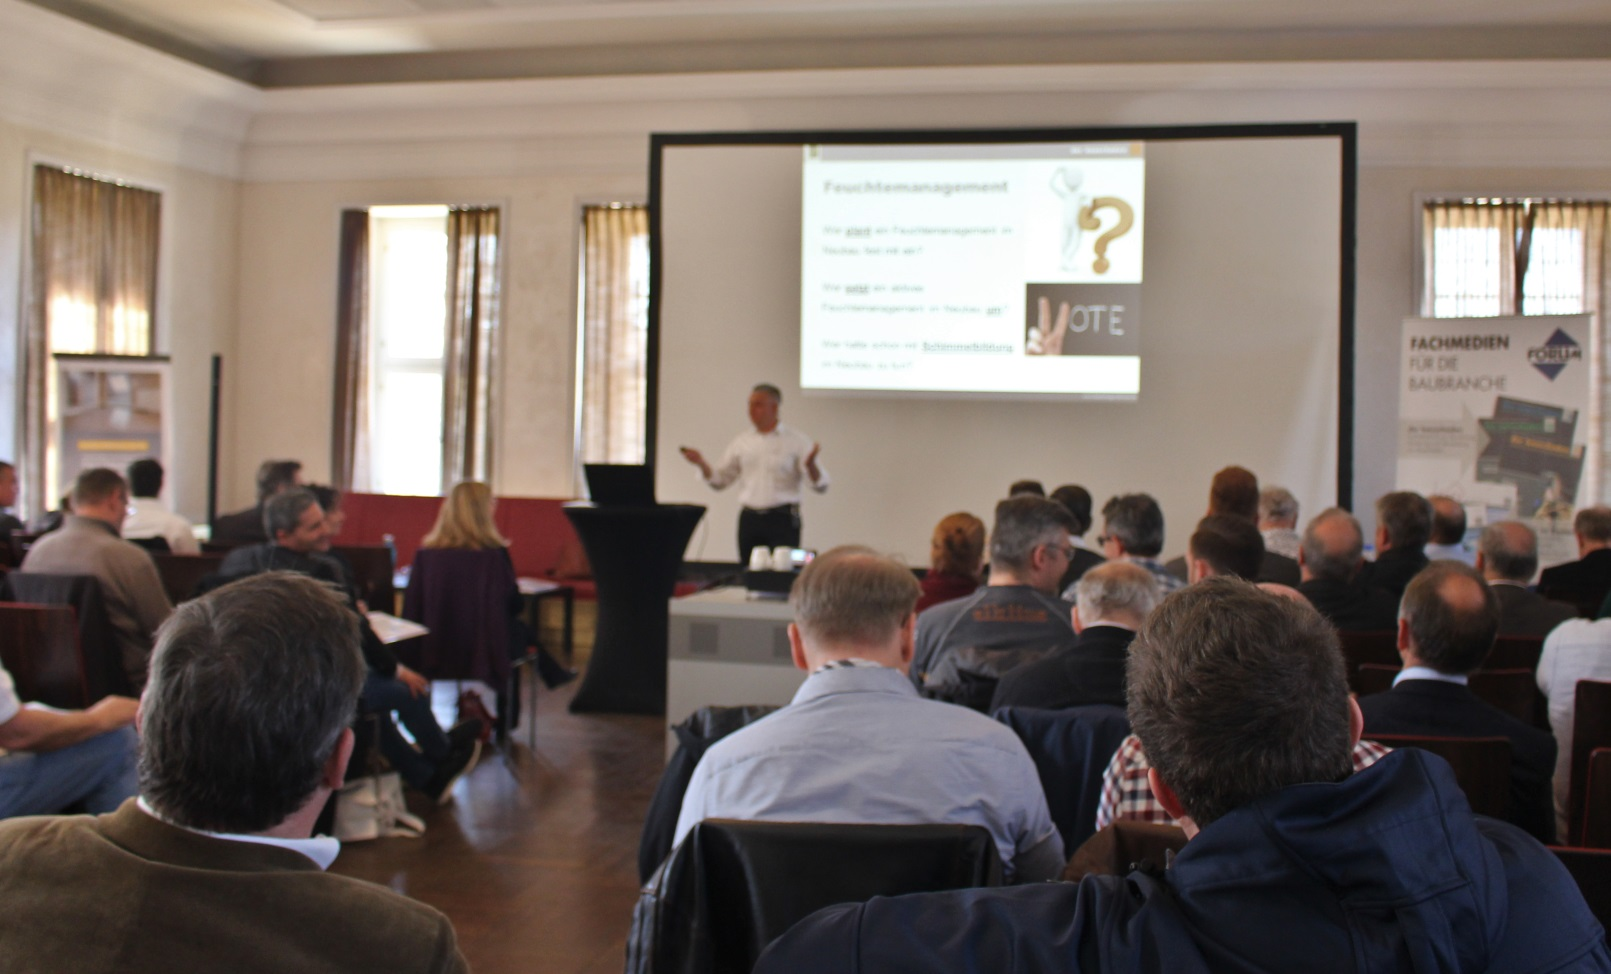 bauschaden-Fachtagung 2019 thematisierte in Würzburg das Feuchtemanagement von Neubauten